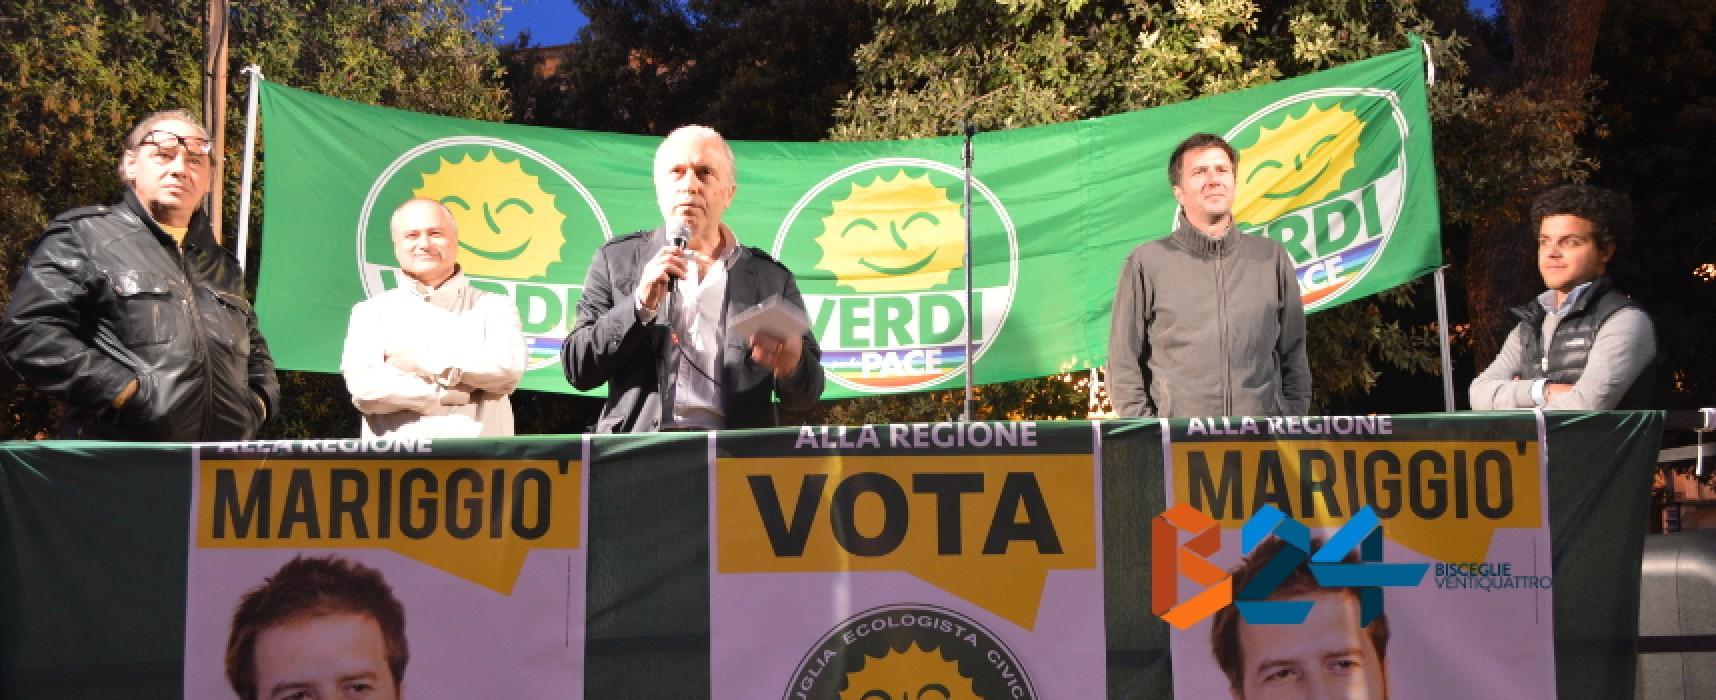 """Verdi: """"Colletta tra i cittadini per sanare pendenza tra Spina sindaco e Spina avvocato"""""""